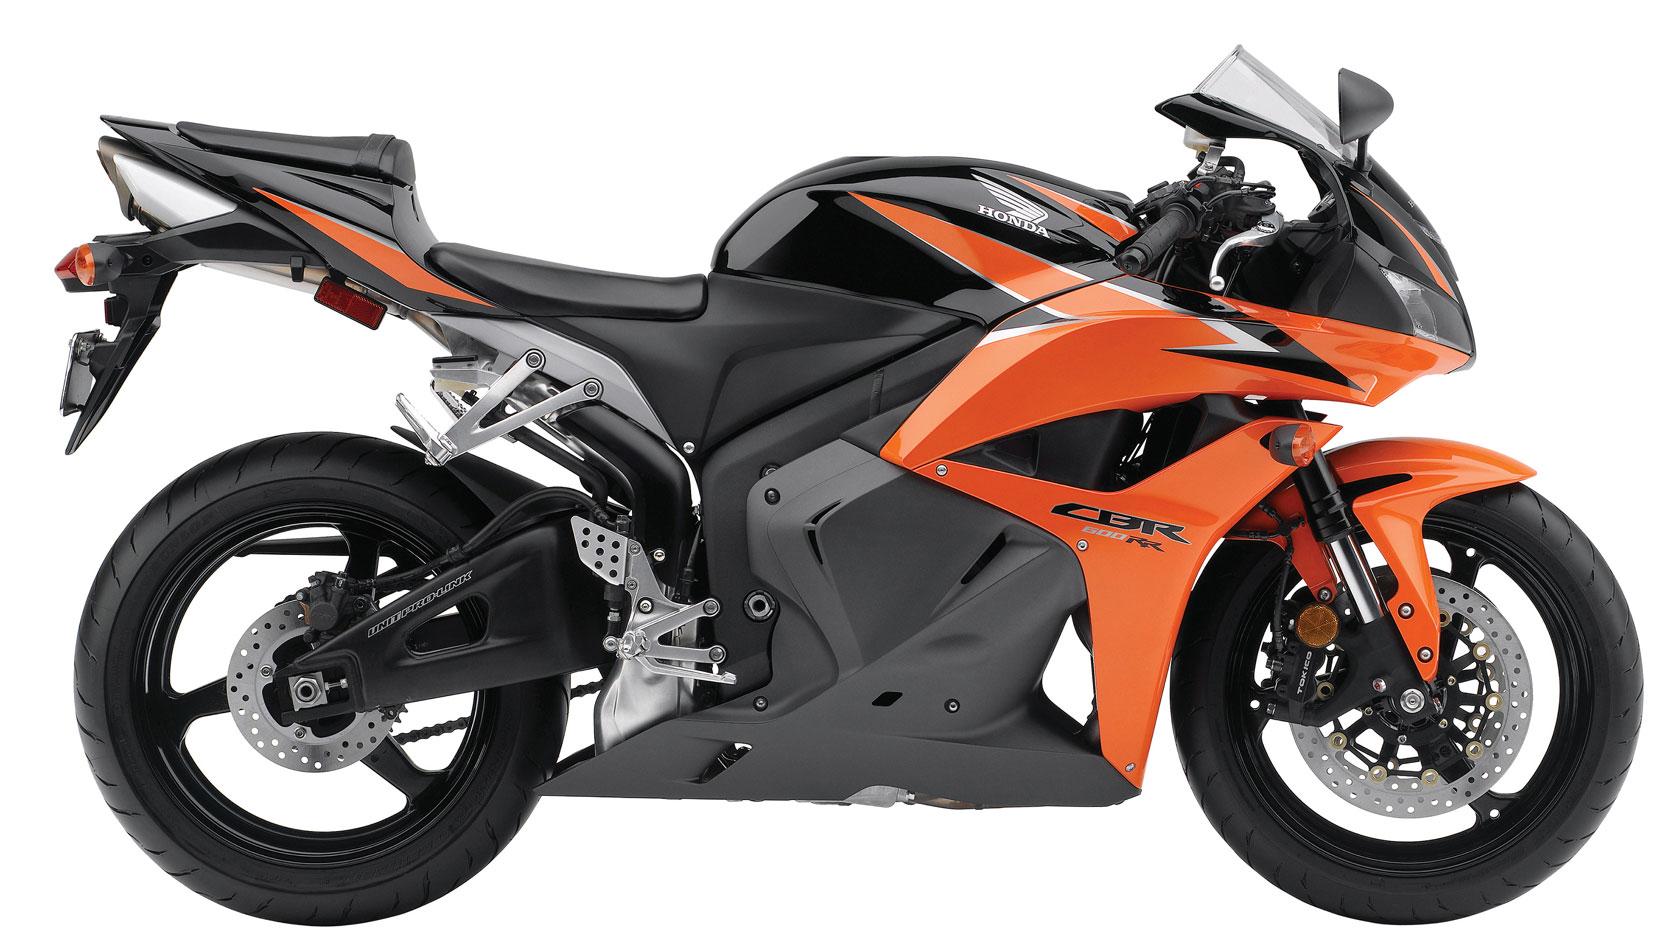 Honda Motorcycle Cbrrr Free 250099 Wallpaper wallpaper